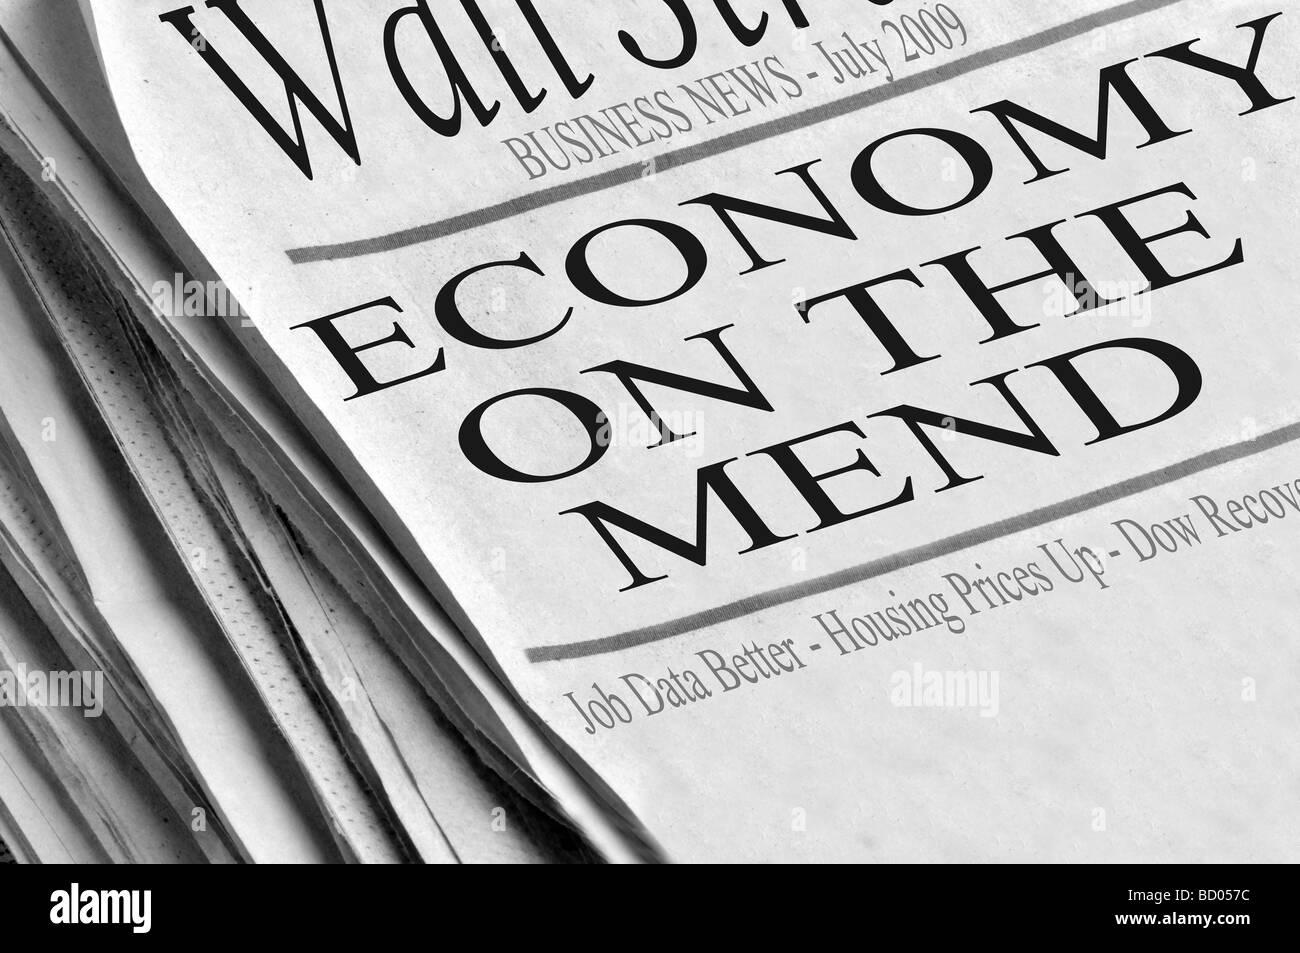 Newspaper Headlines Economy Stock Photos Newspaper Headlines